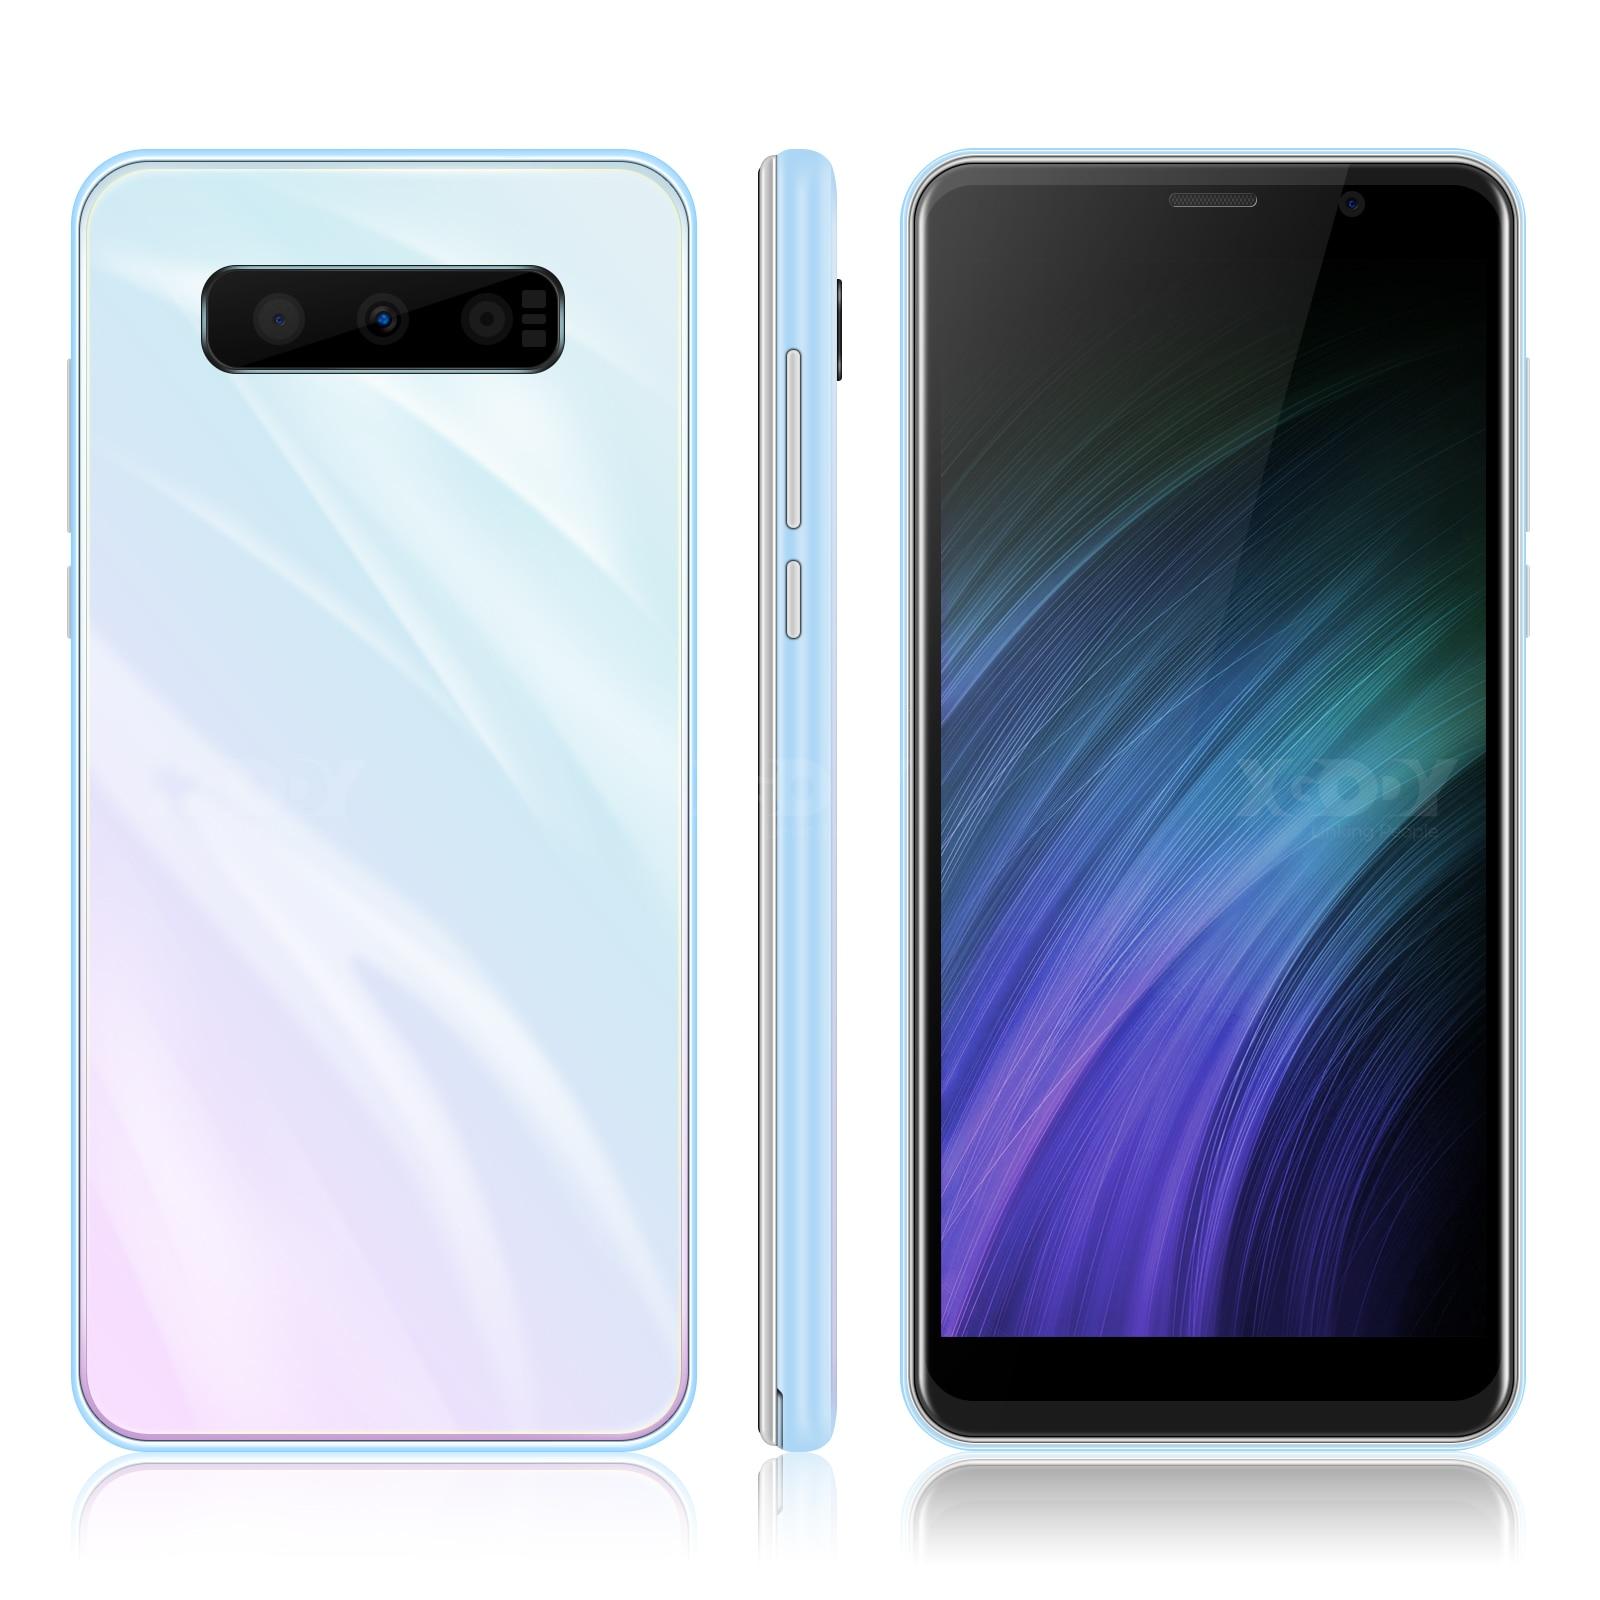 Xgody 3g smartphone 2 gb ram 16 gb rom 5.5 189 tela cheia mt6580 quad core celular duplo sim 5mp 2500 mah s10 celular